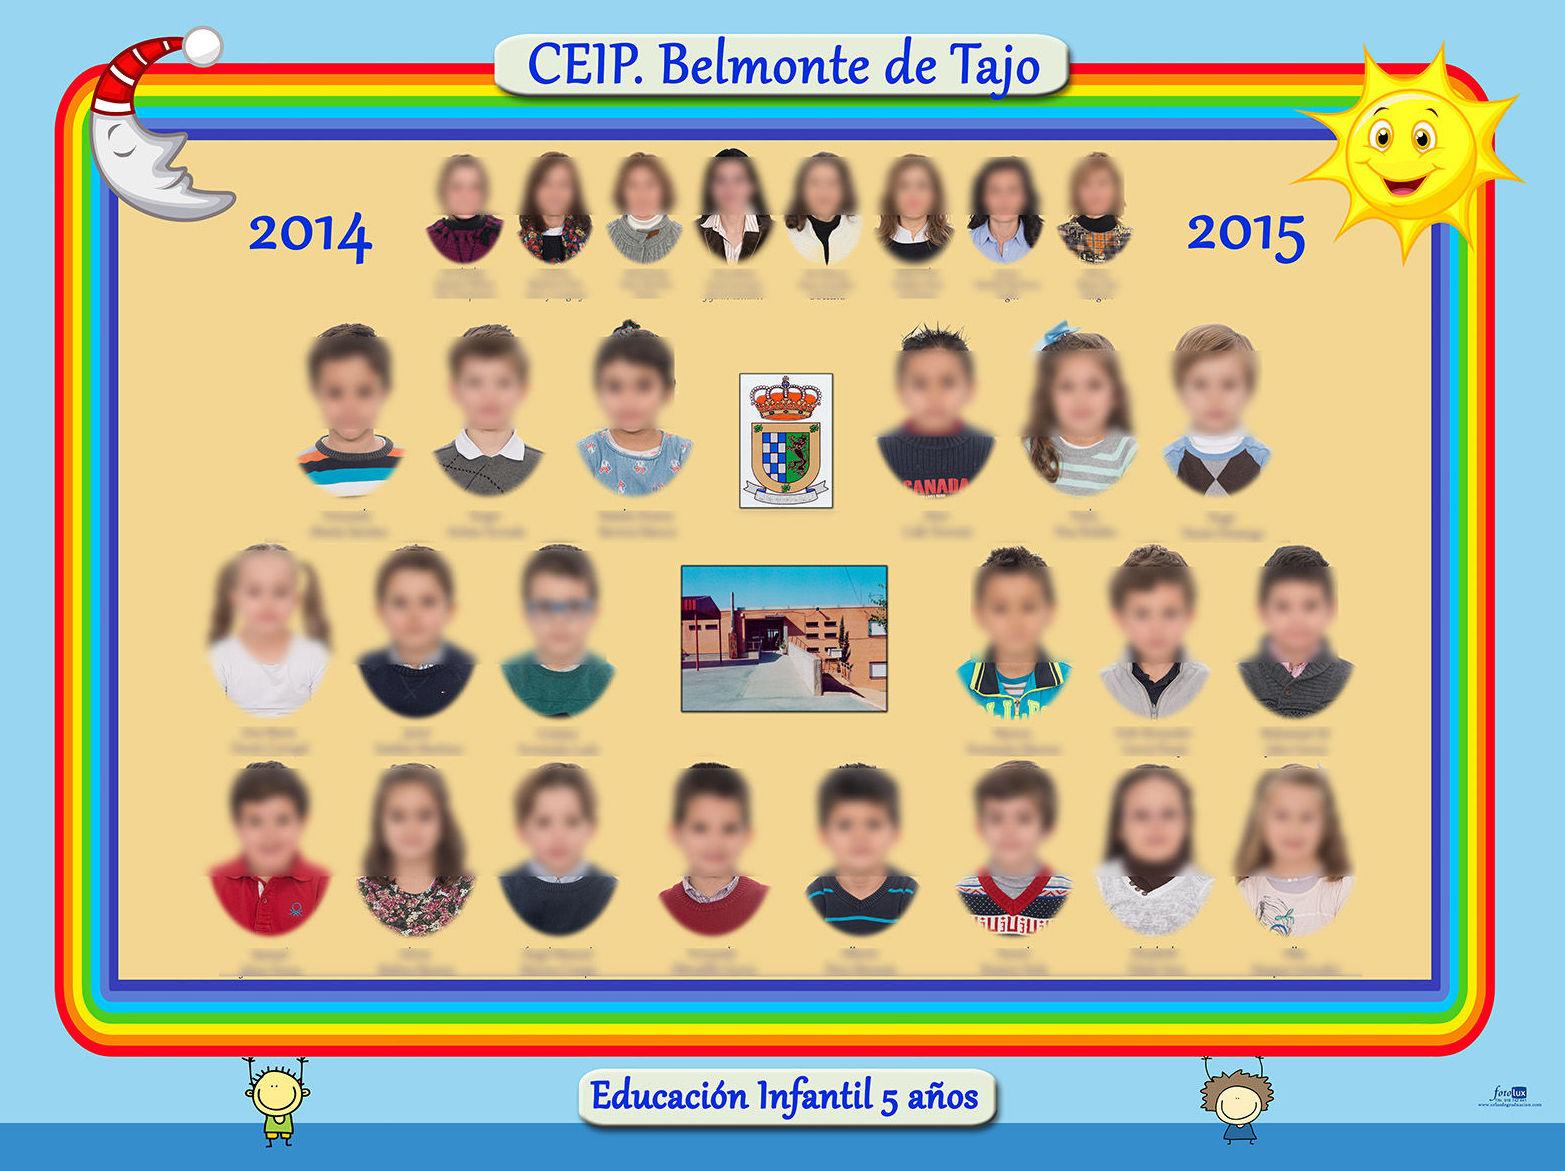 Orla de graduación Infantil 5 años Belmonte de Tajo, Madrid